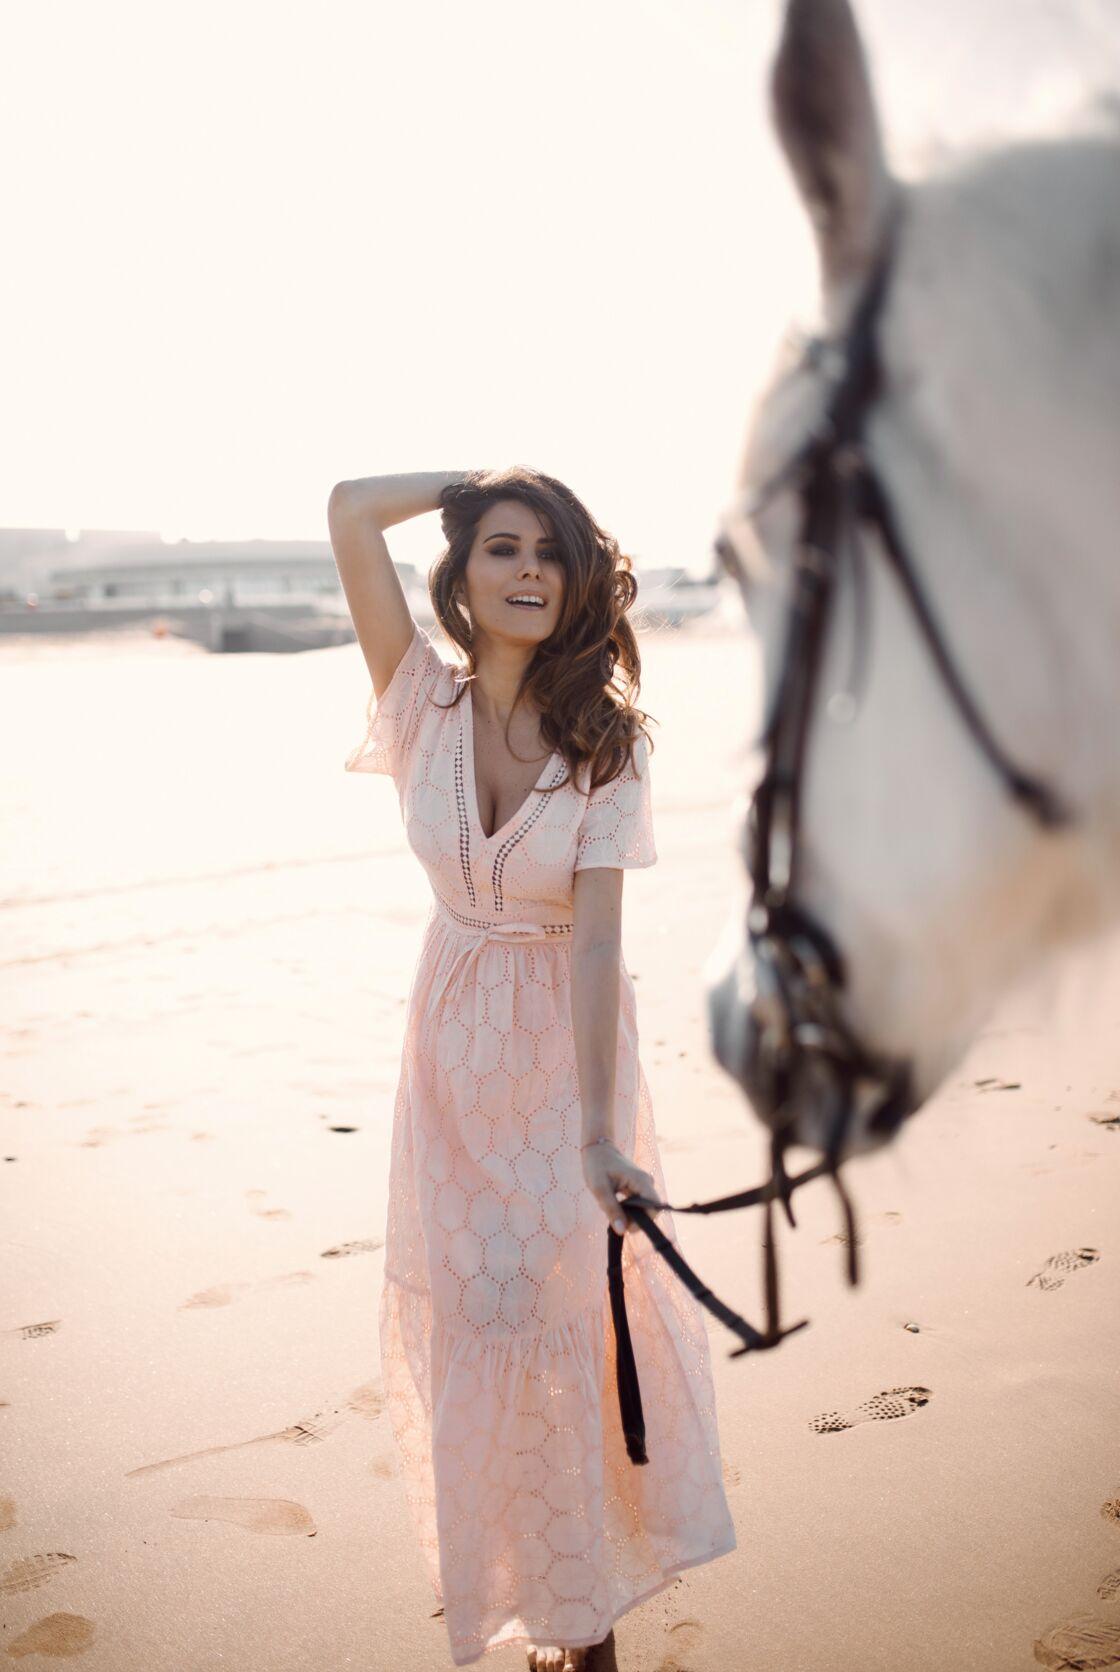 Cette robe rose en dentelle est la tenue favorite de Karine Ferri dans sa collection capsule.